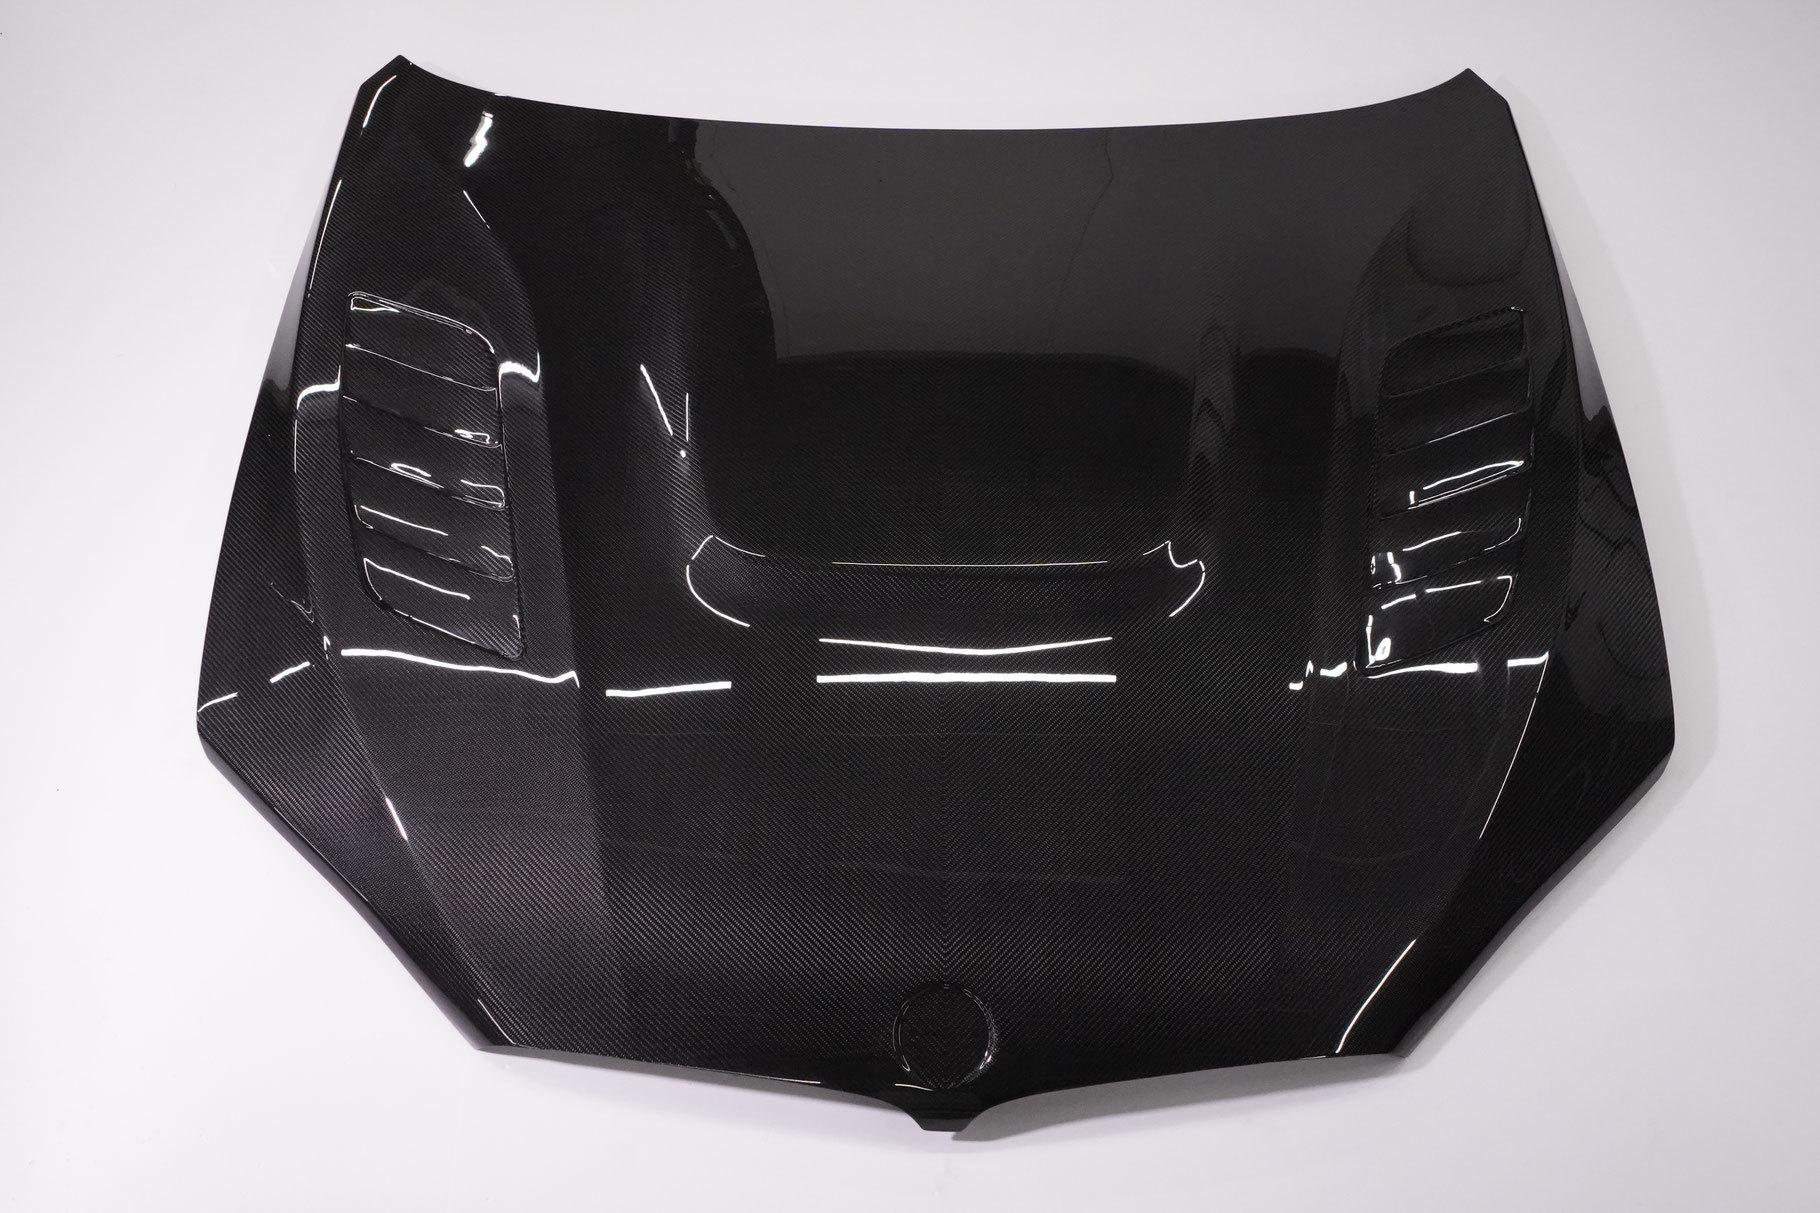 Hodoor Performance Carbon fiber hood for BMW X5 G05